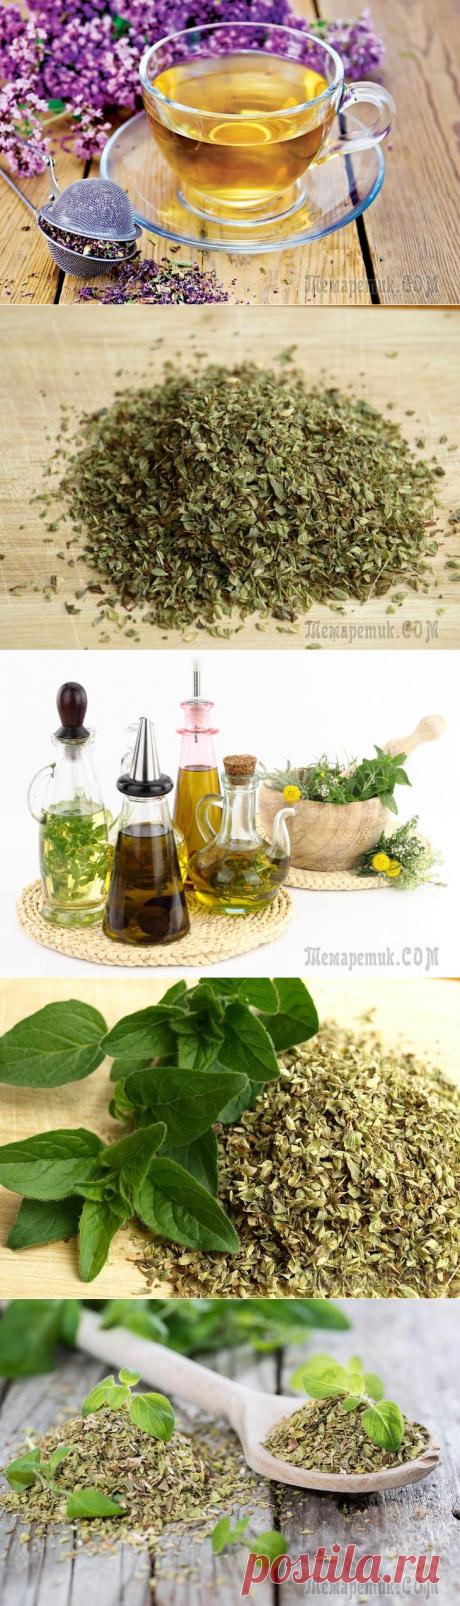 14 Практических советов по использованию масла орегано